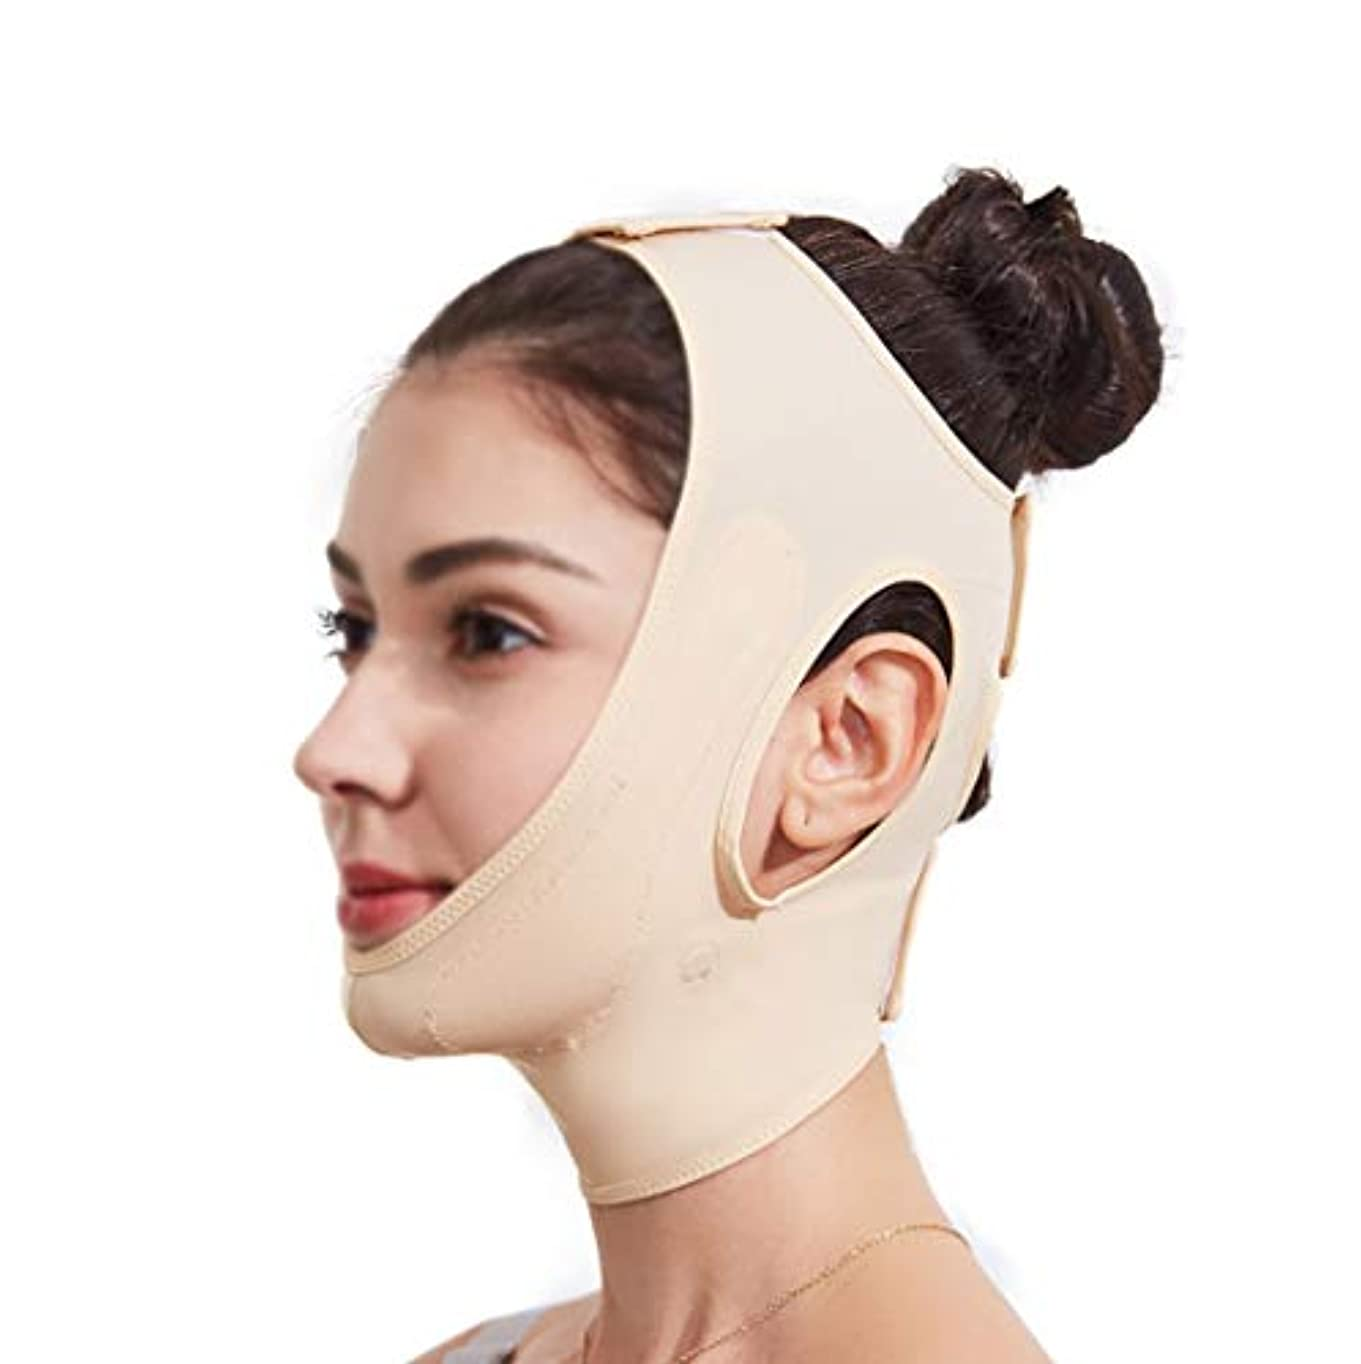 発掘木材ペアXHLMRMJ フェイスリフティングマスク、360°オールラウンドリフティングフェイシャル輪郭、あごを閉じて肌を引き締め、快適でフェイスライトをサポートし、通気性 (Size : Skin color)